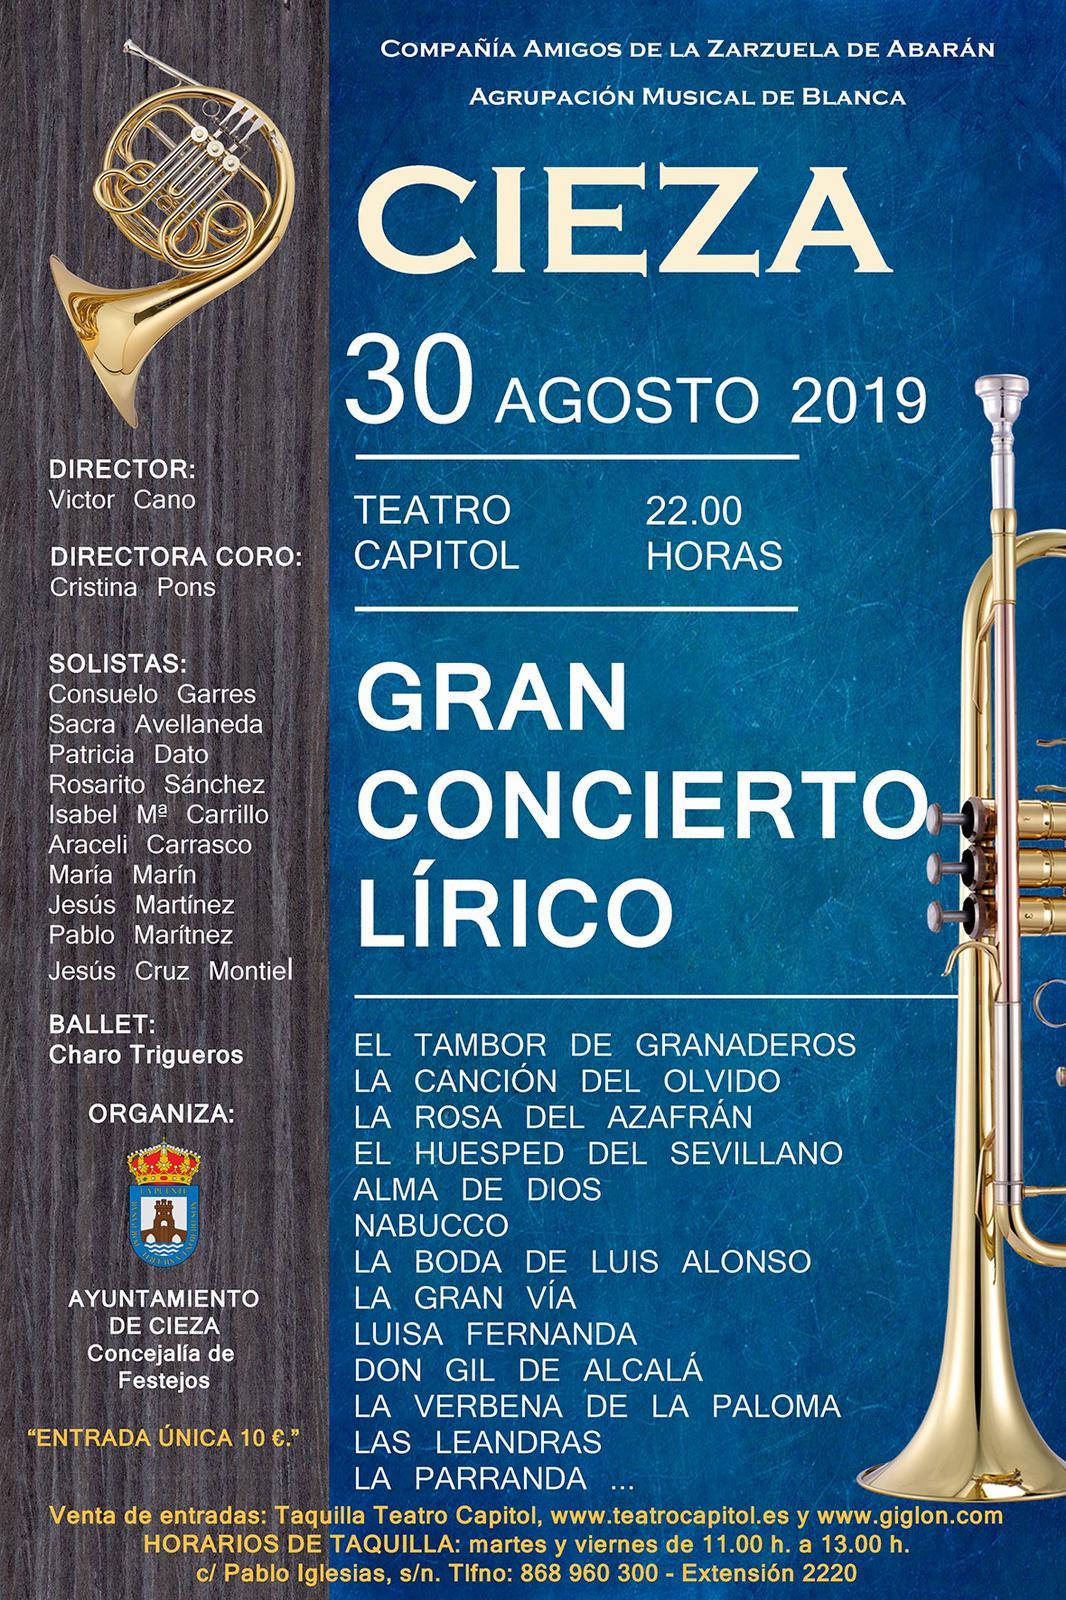 concierto-lrico-fiestas-cieza.jpg